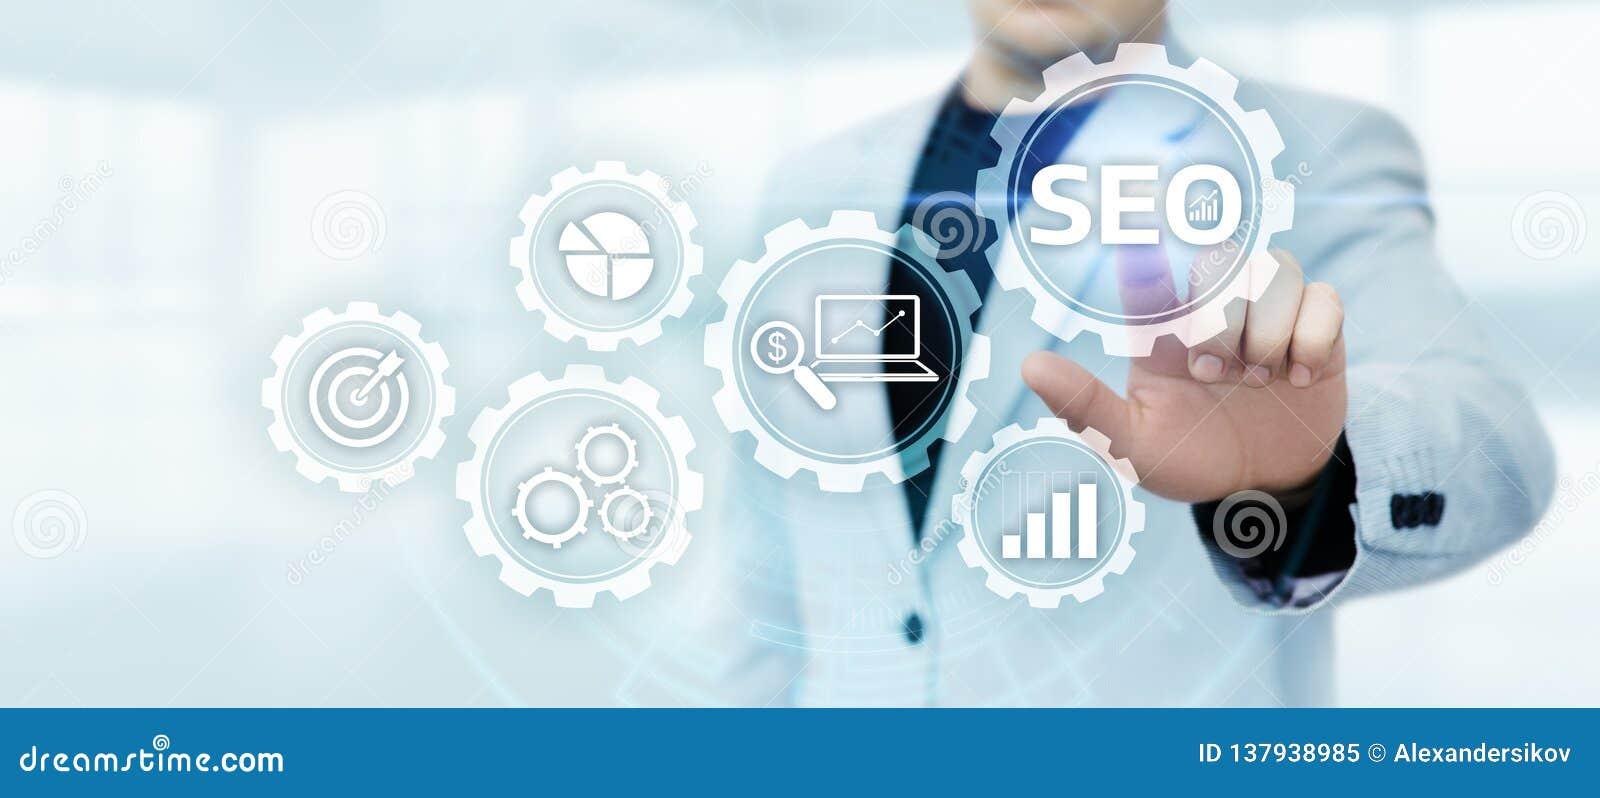 Conceito da tecnologia do negócio do Internet do Web site do tráfego da classificação de SEO Search Engine Optimization Marketing